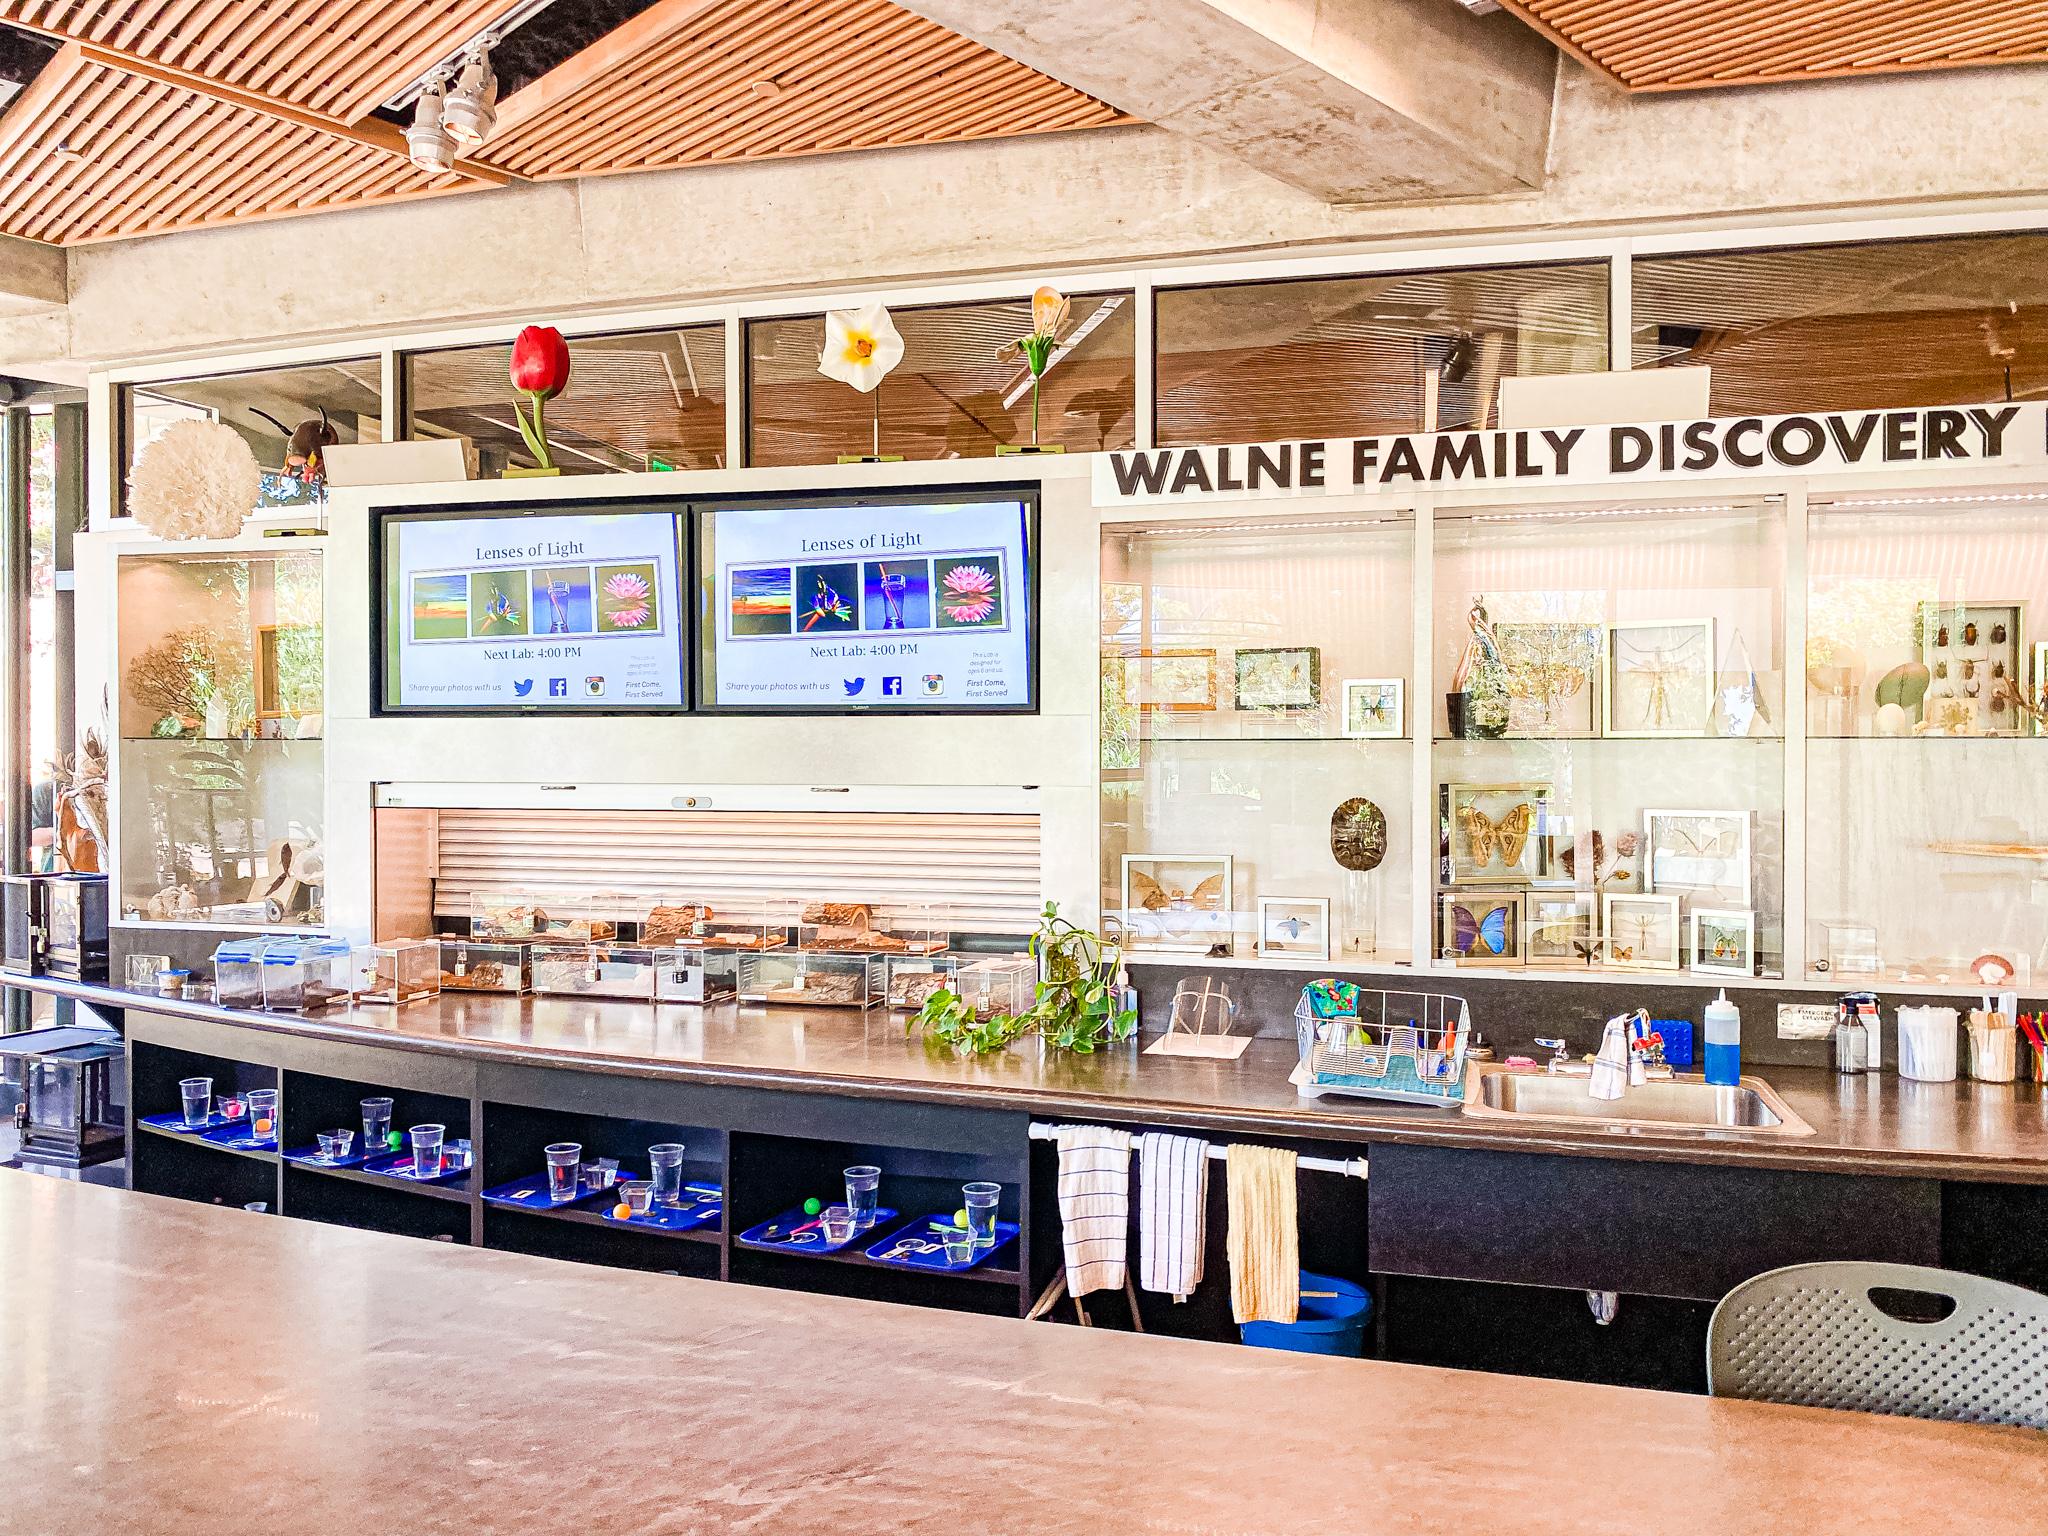 Dallas Arboretum Discovery Lab